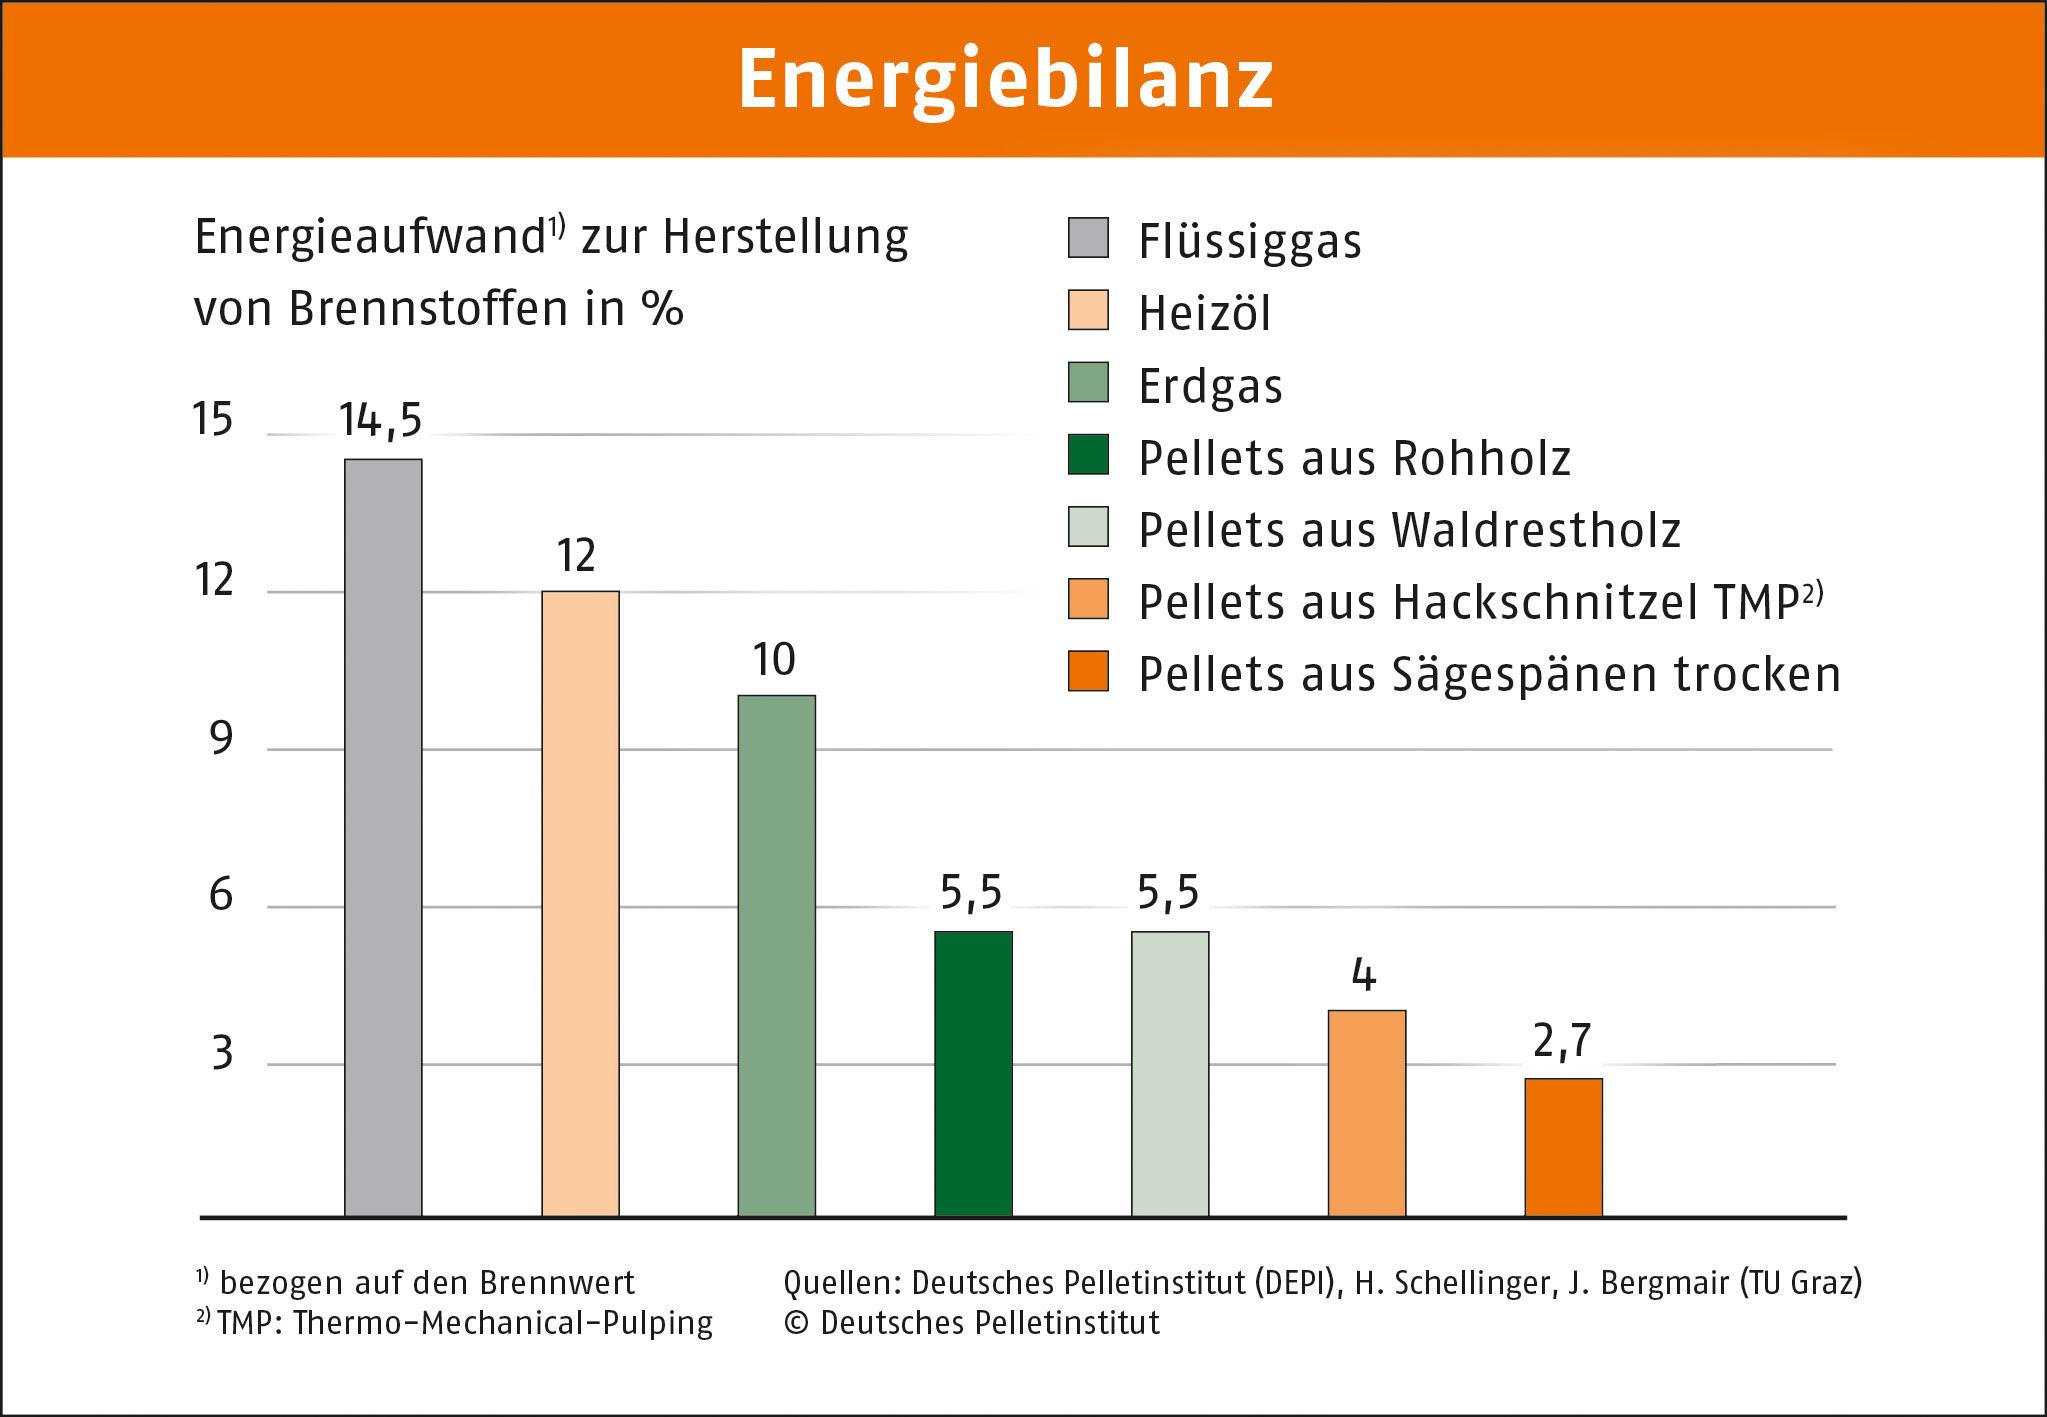 DEPI_Energiebilanz Brennstoffe